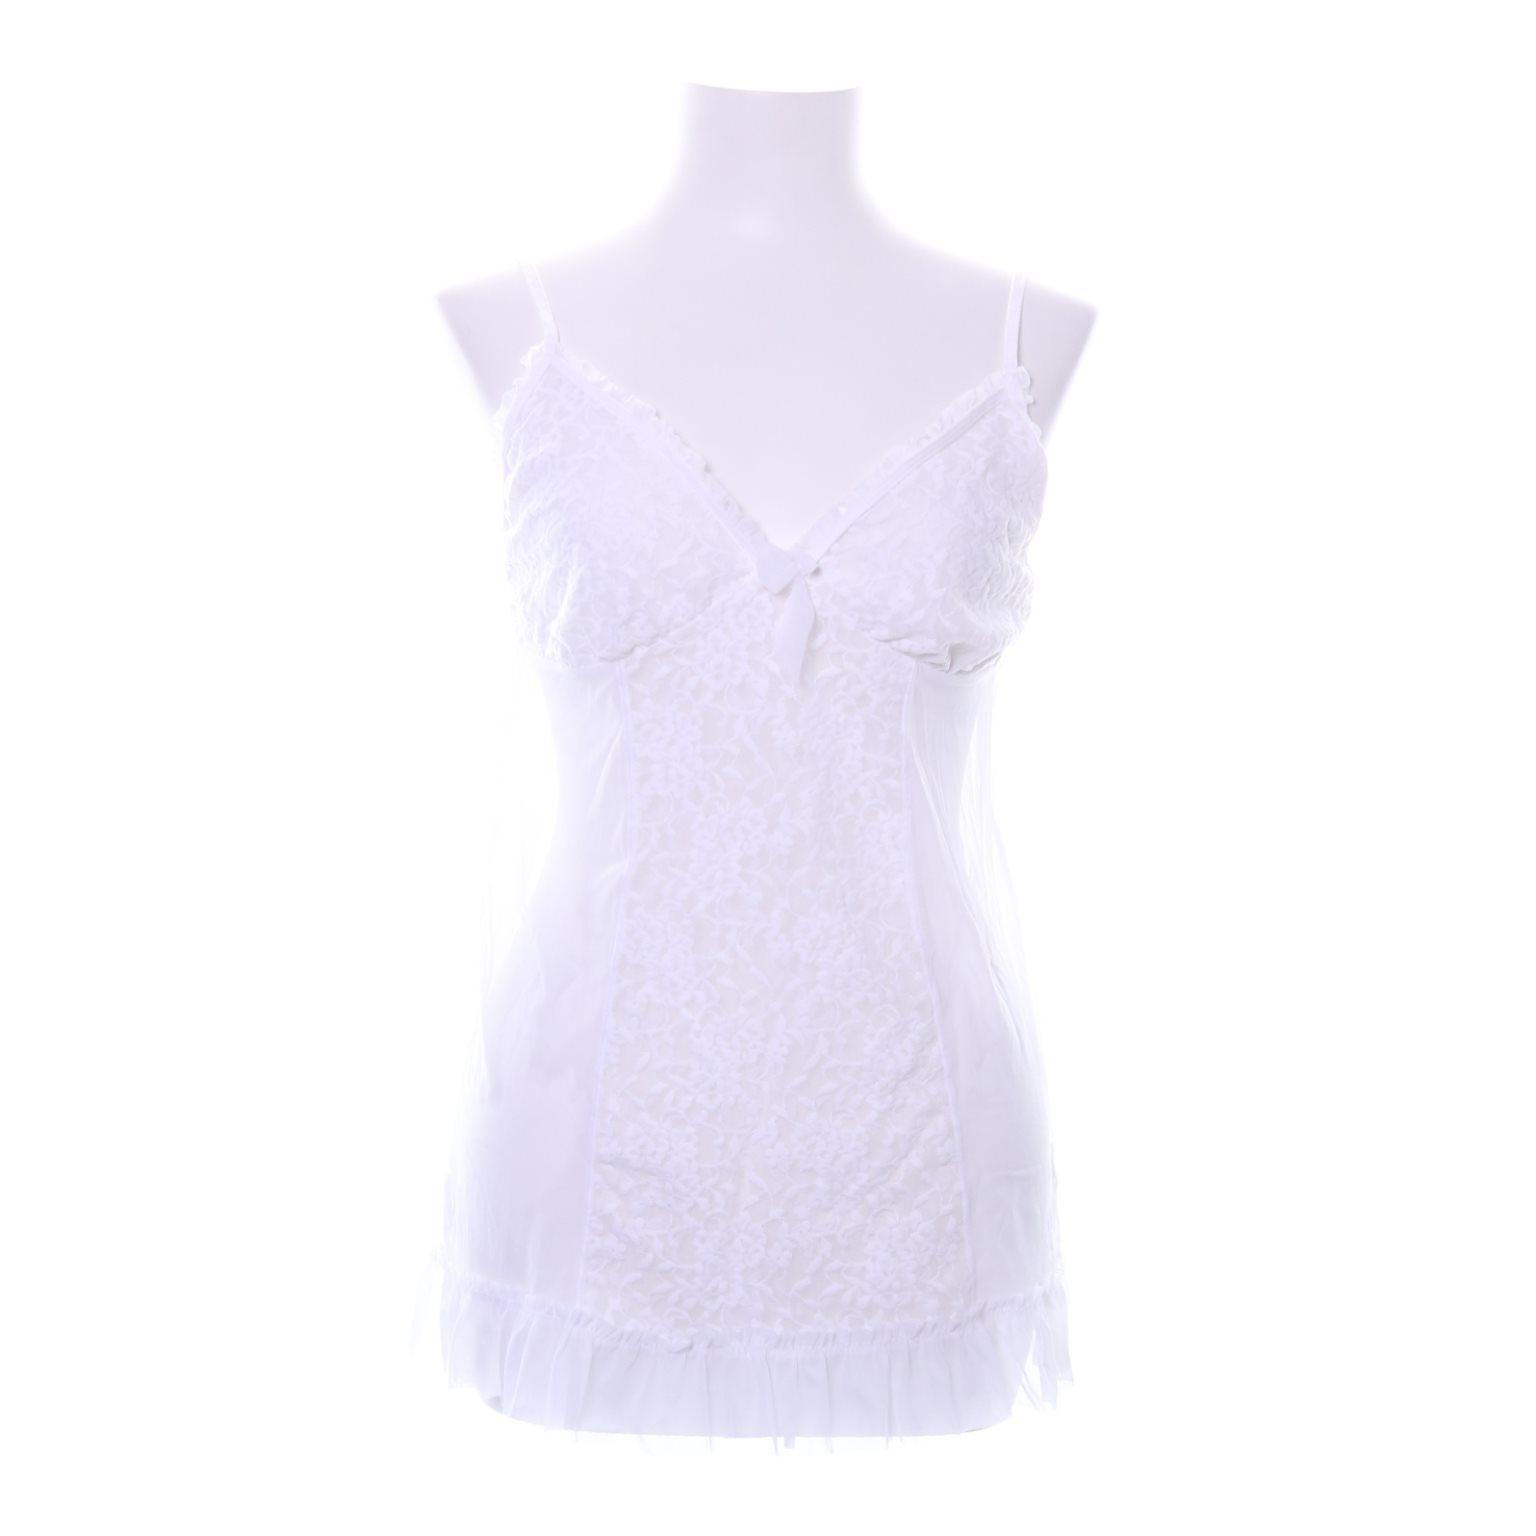 vit underklänning med spets